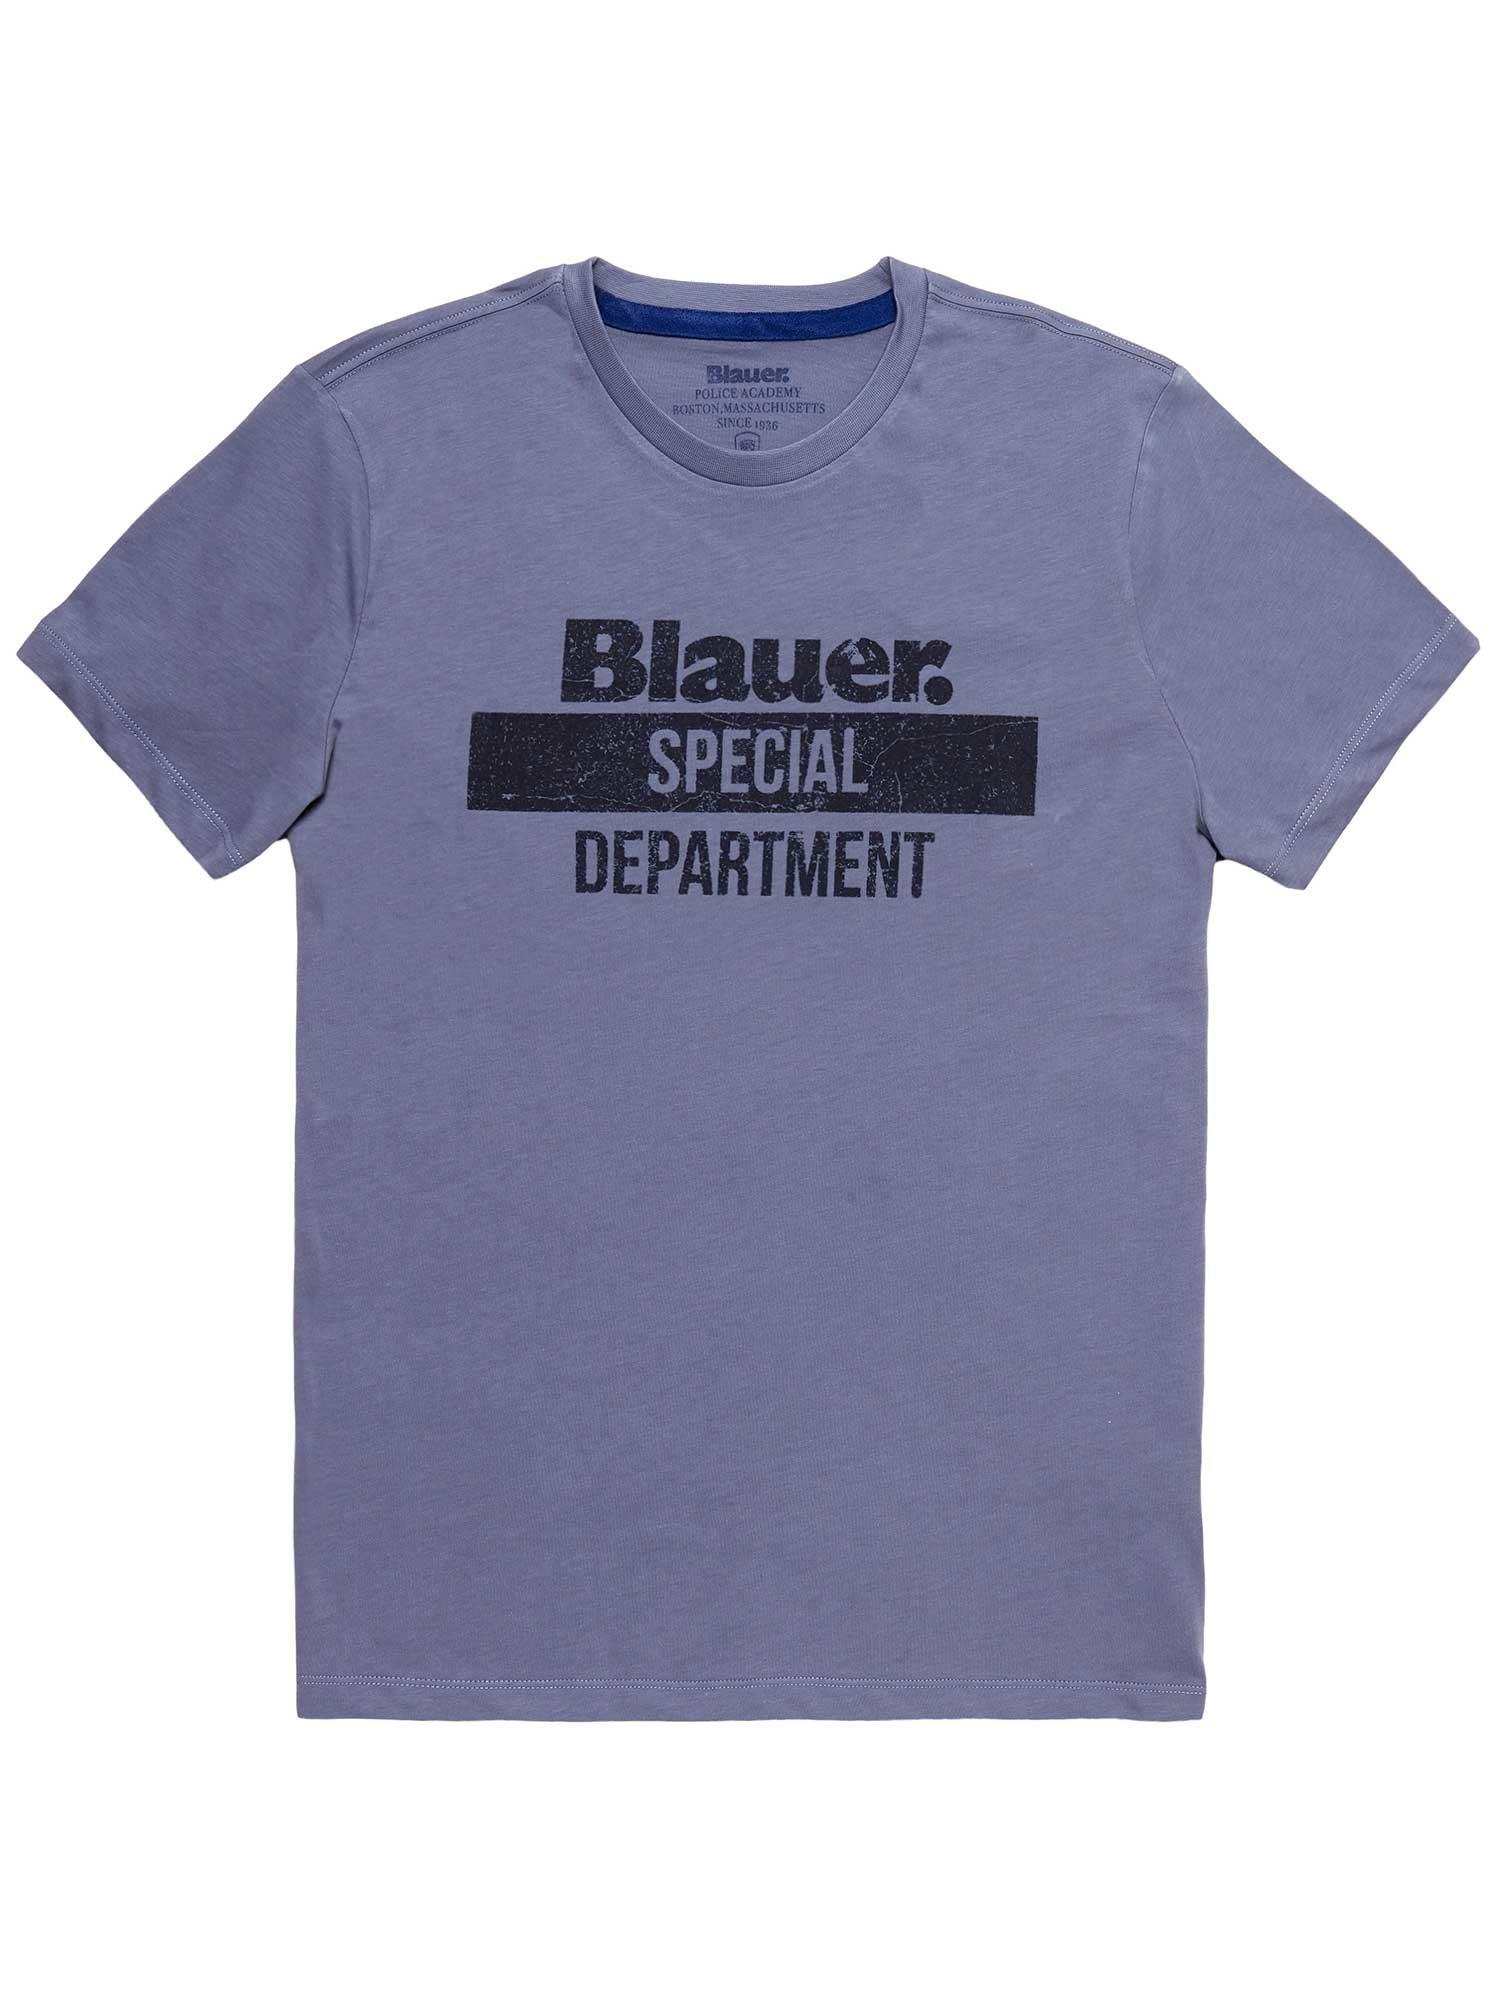 Blauer - BLAUER SPECIAL DEPARTMENT T-SHIRT - Dark Avio - Blauer